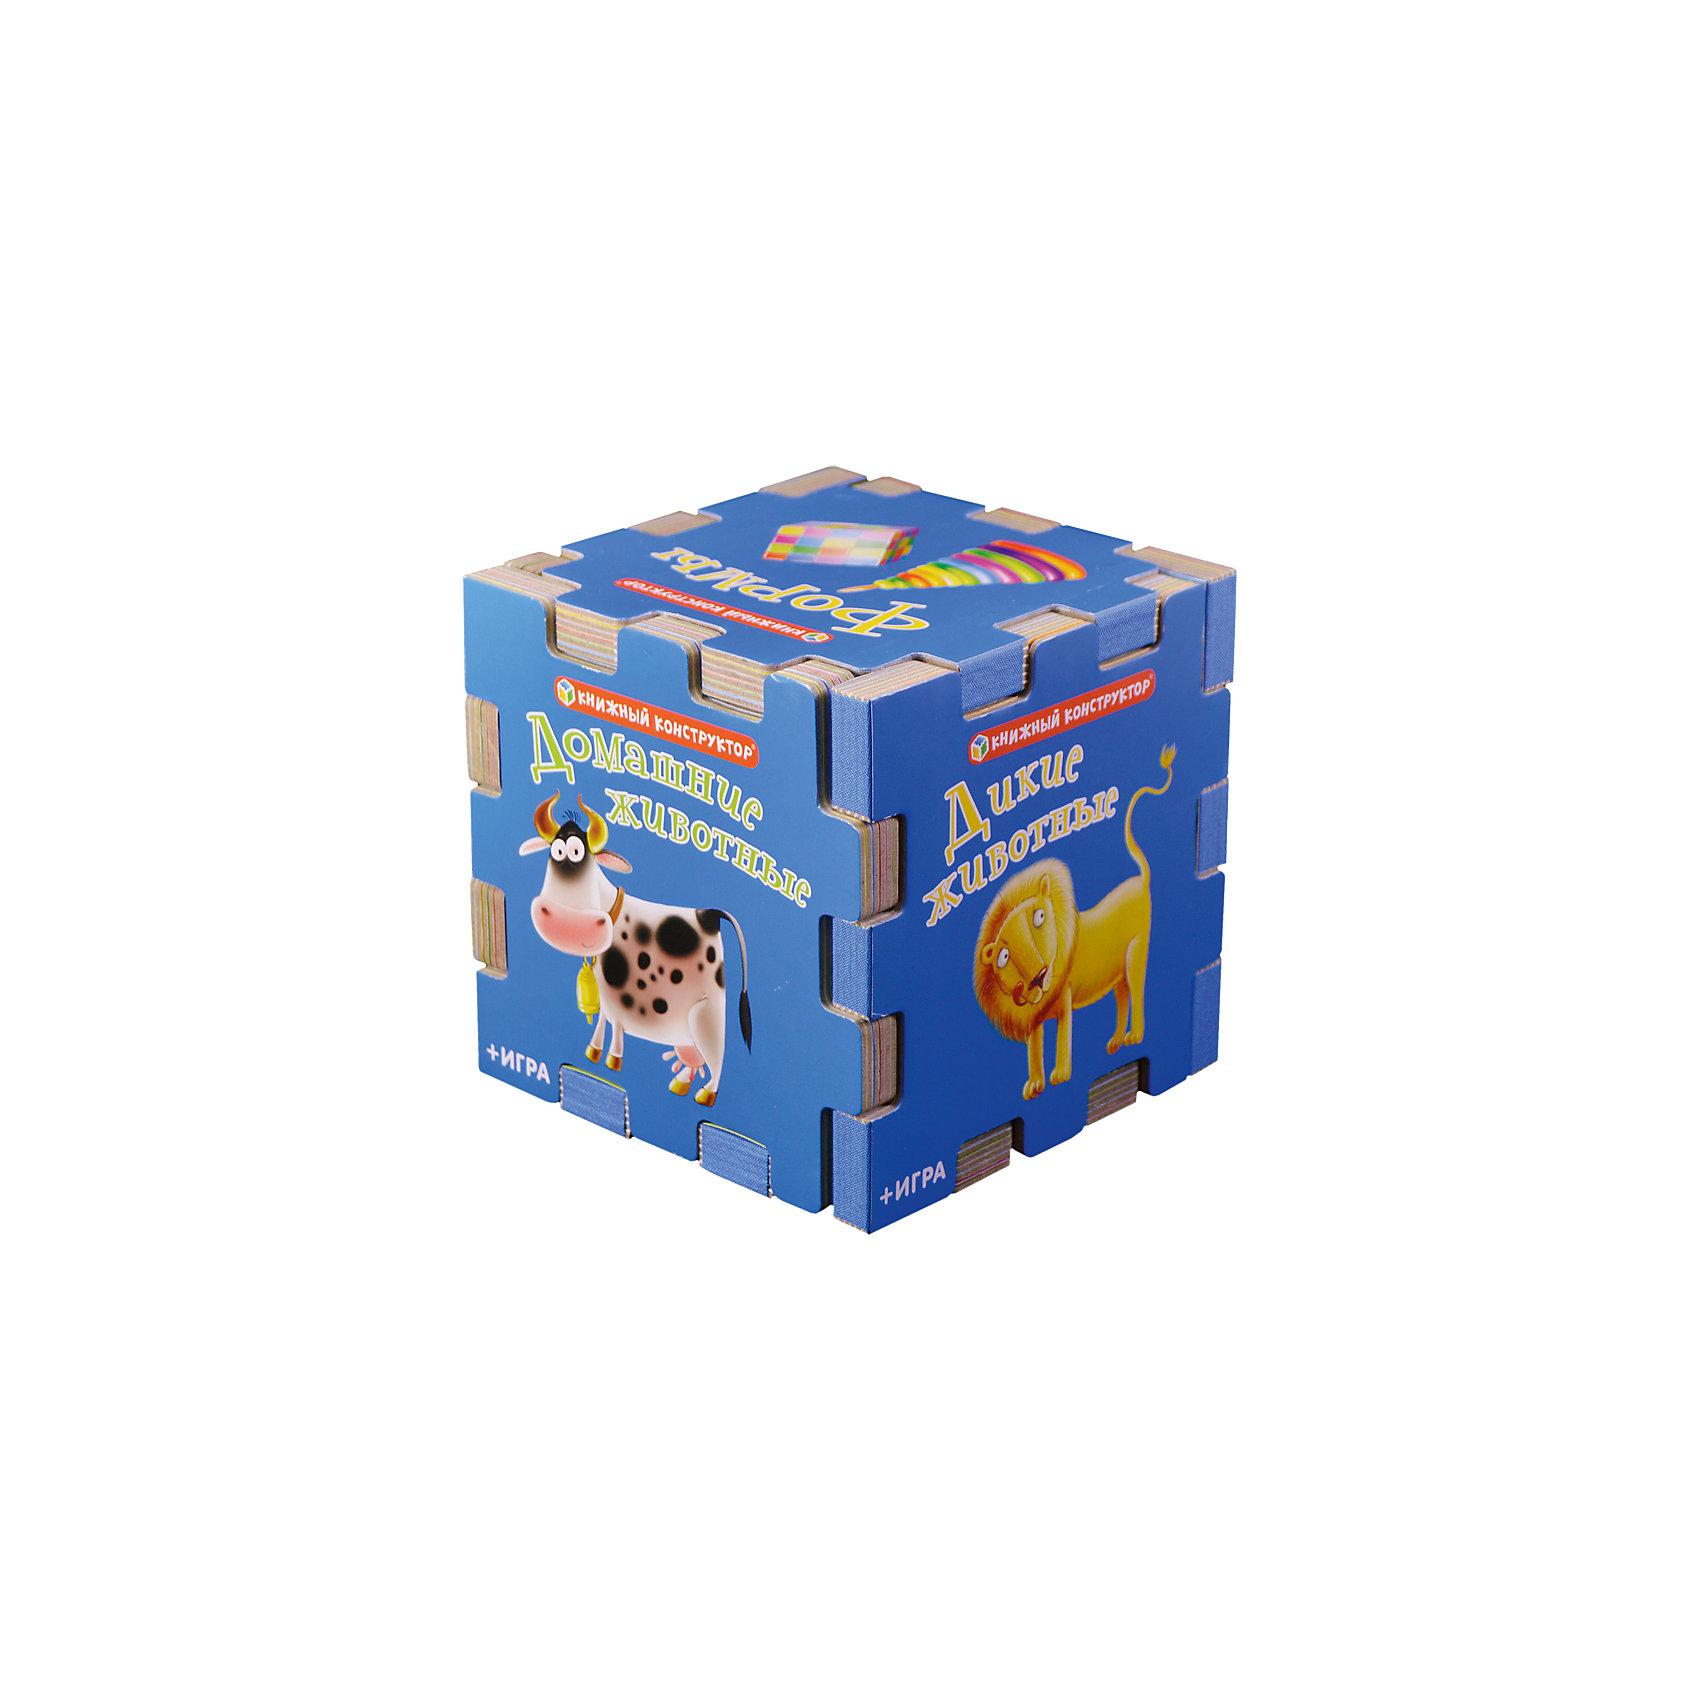 Книжный конструктор Развивающий кубикКнижный конструктор Развивающий кубик - это уникальная разработка, позволяющая Вашему ребенку одновременно развиваться и играть.<br>Книжный конструктор Развивающий кубик состоит из 6 книжек, выполненных в форме пазлов, которые собираются в большой кубик или в игровое поле для настольной игры. Каждая книжка посвящена определенной теме: цвета, домашние животные, дикие животные, времена года, цвета, цифры, и содержит интересные стихотворения и задания, позволяющие малышу лучше воспринять новую информацию. Прочитайте крохе текст и стихотворение, объясните новые слова и попросите малыша выполнить предложенное задание. На оборотной стороне книжных обложек изображены фрагменты игрового поля, соединив которые маленькие непоседы смогут поиграть в увлекательную игру-бродилку. Игра рассчитана на двух участников, в комплекте имеется кубик и фишки с изображением цыпленка и кота, выполненные из плотного картона. Благодаря своей компактности книжки-малышки удобно взять с собой отправляясь в путешествие, малыши не будут скучать в пути и смогут с пользой провести время.<br><br>Дополнительная информация:<br><br>- В наборе: игральный кубик, две фигурки из картона и подставки к ним<br>- Издательство: Робинс<br>- Серия: Книжный конструктор<br>- Количество книжек: 6<br>- Иллюстрации: цветные<br>- Переплет: твердый<br>- Бумага: плотный мелованный картон<br>- Размер одной книжки: 12 х 12 см.<br>- Размер упаковки: 120x120х120 мм.<br>- Вес: 476 гр.<br><br>Книжный конструктор Развивающий кубик - читайте вслух стихотворения, выполняйте задания, рассматривайте картинки, задавайте малышу вопросы и играйте в увлекательную настольную игру-бродилку!<br><br>Книжный конструктор Развивающий кубик можно купить в нашем интернет-магазине.<br><br>Ширина мм: 120<br>Глубина мм: 120<br>Высота мм: 120<br>Вес г: 476<br>Возраст от месяцев: 36<br>Возраст до месяцев: 60<br>Пол: Унисекс<br>Возраст: Детский<br>SKU: 4236113